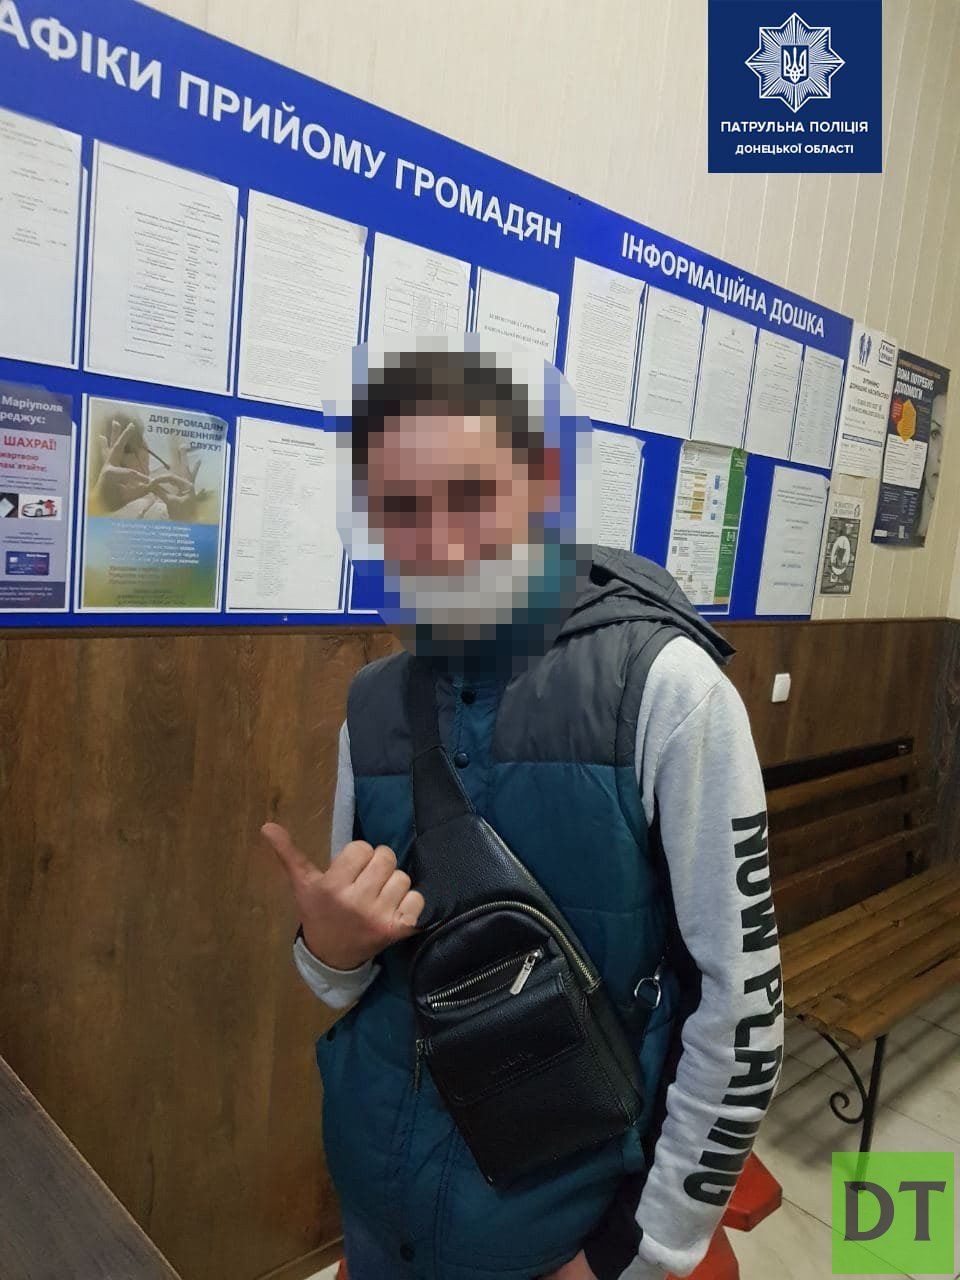 В Мариуполе задержали дезертира ВСУ, который приставал к прохожим